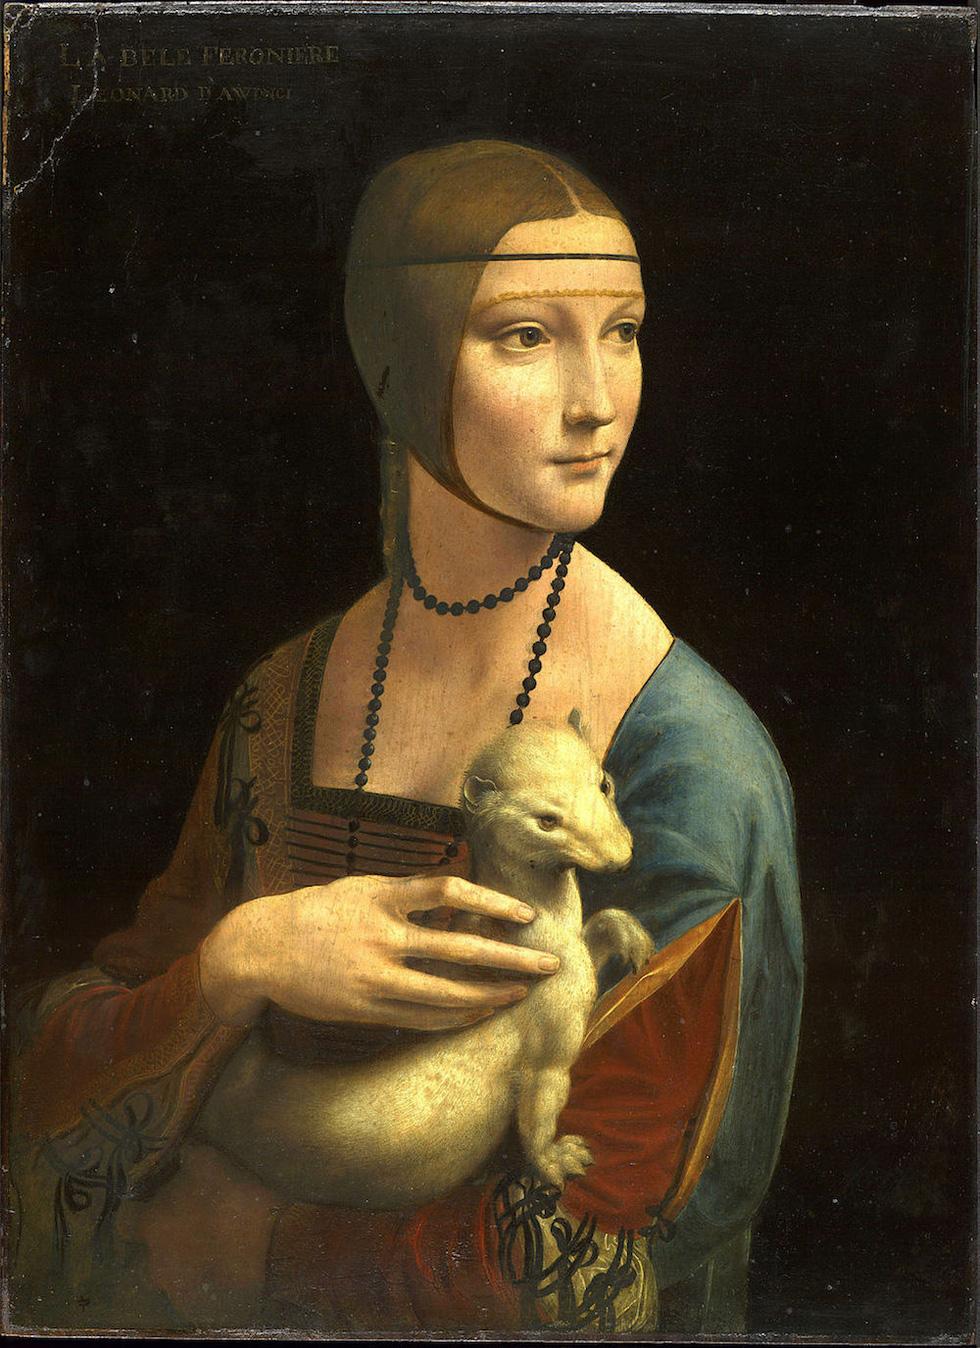 Thiên tài Leonardo da Vinci 'đến'… ga Hà Nội - Ảnh 3.